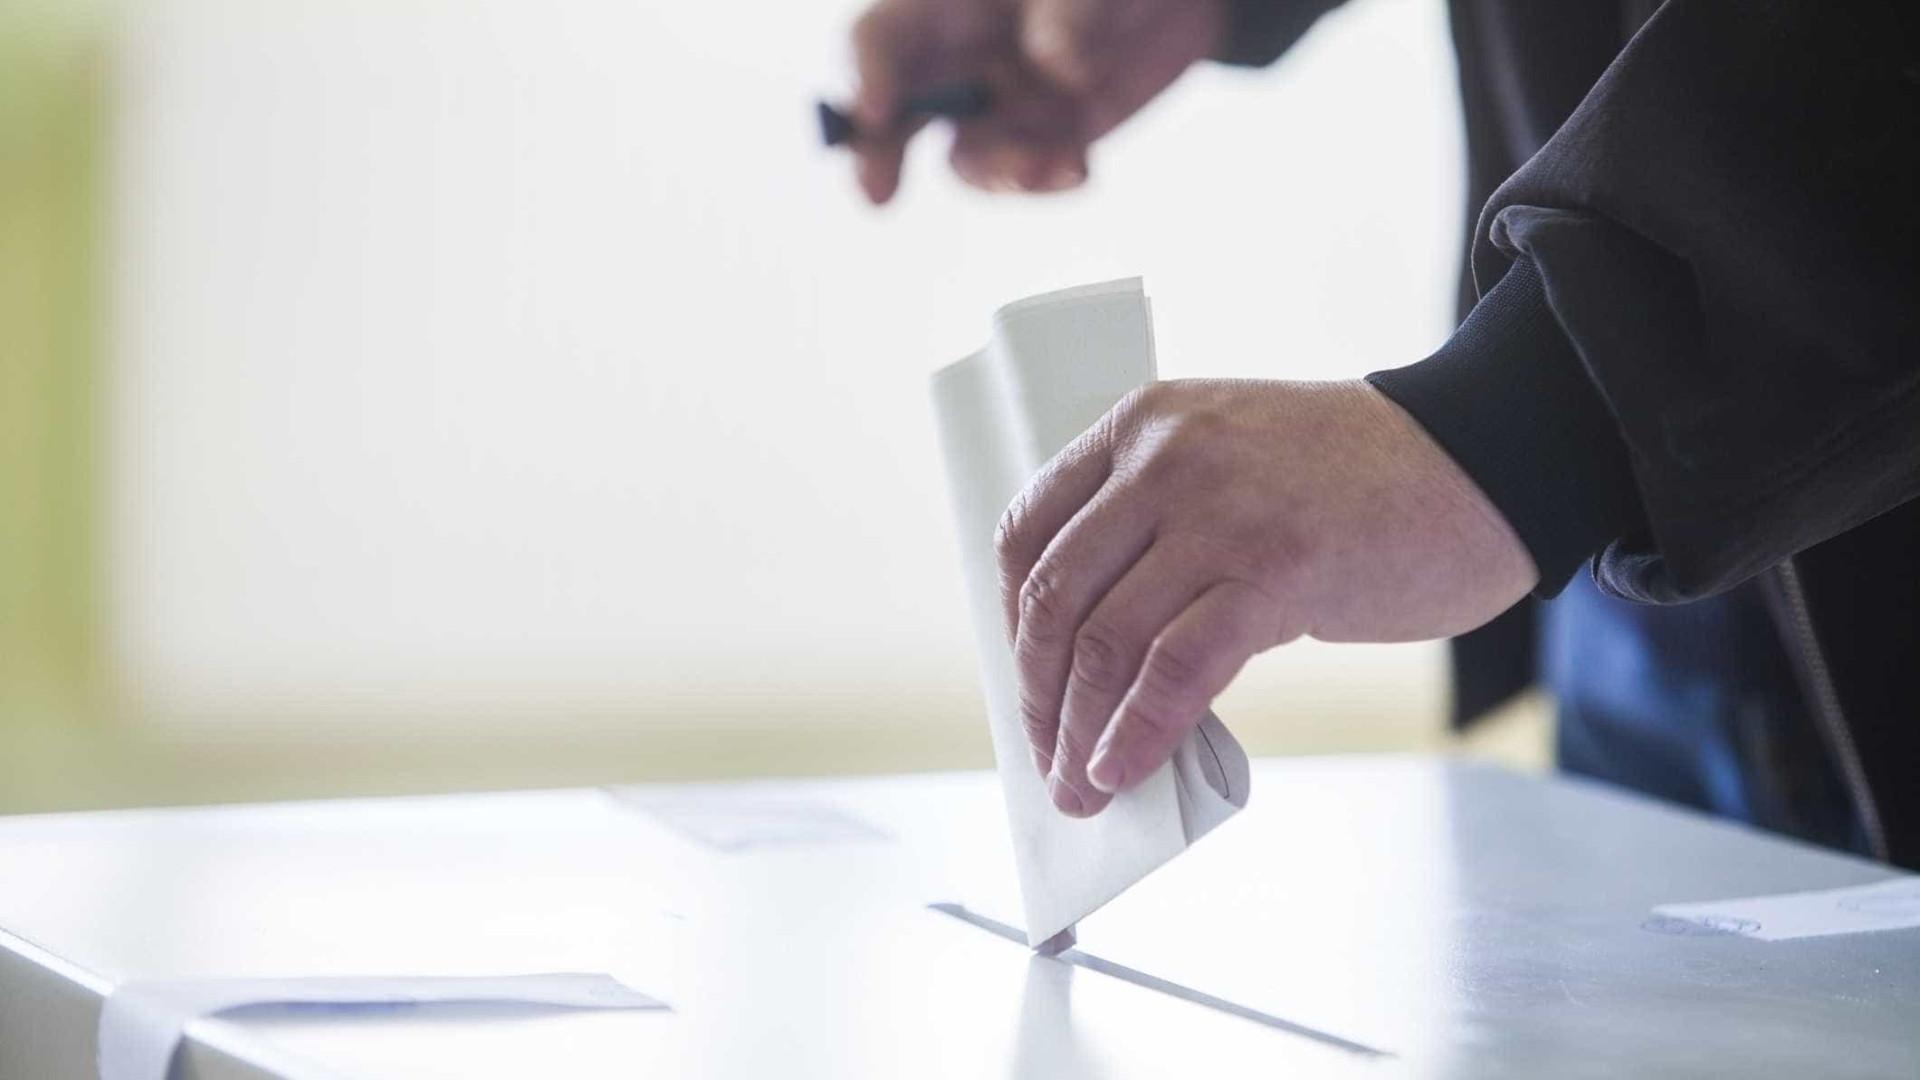 Eleições internas do PSD: Urnas já abriram e Passos já votou